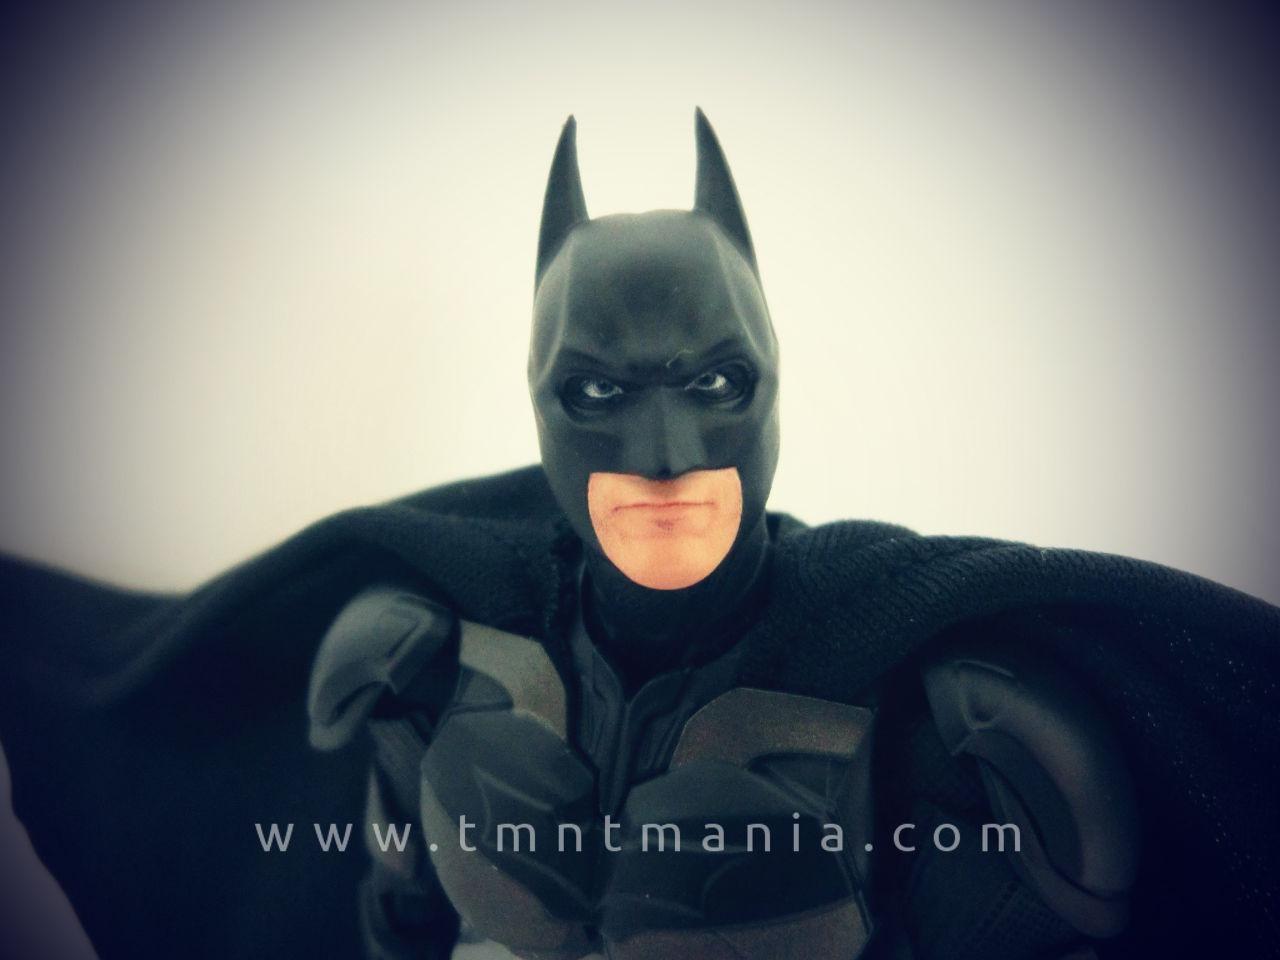 SH Figuarts Batman Cara 1